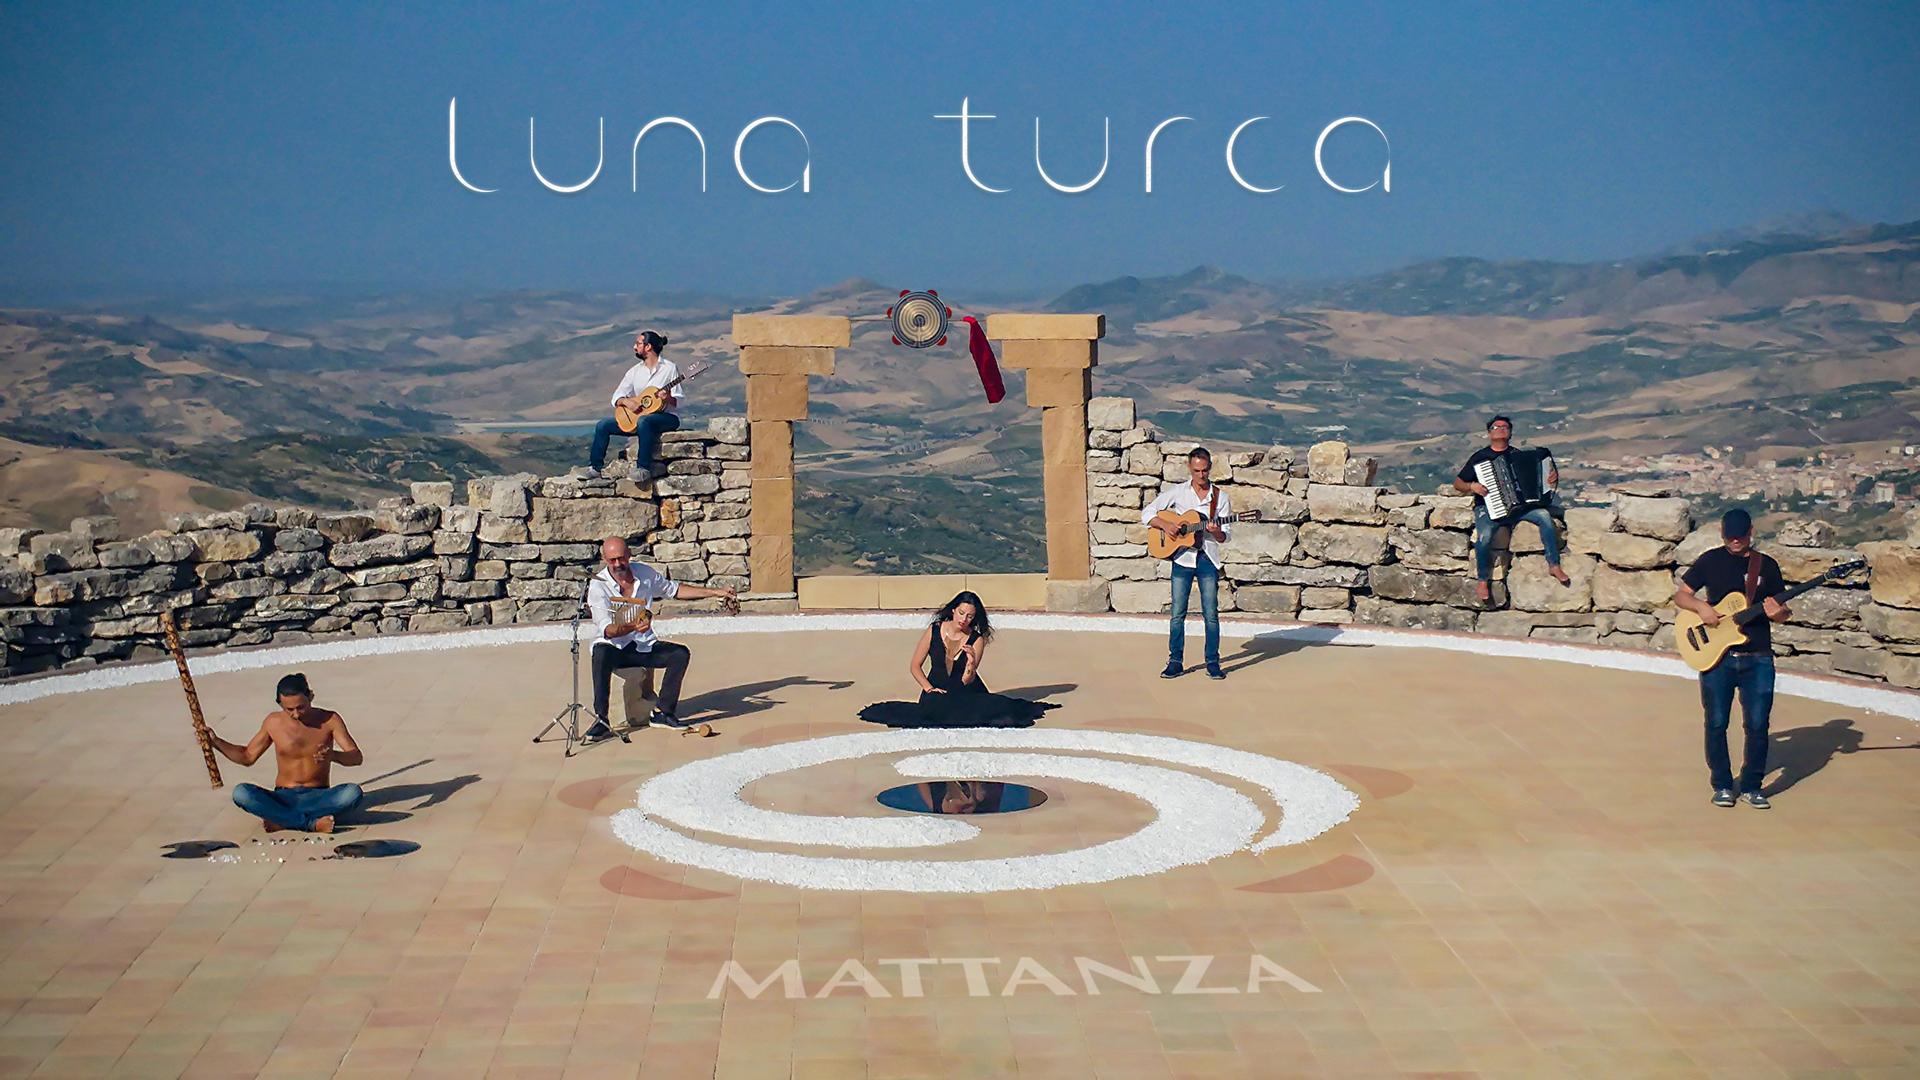 Copertina Luna Turca - Mattanza